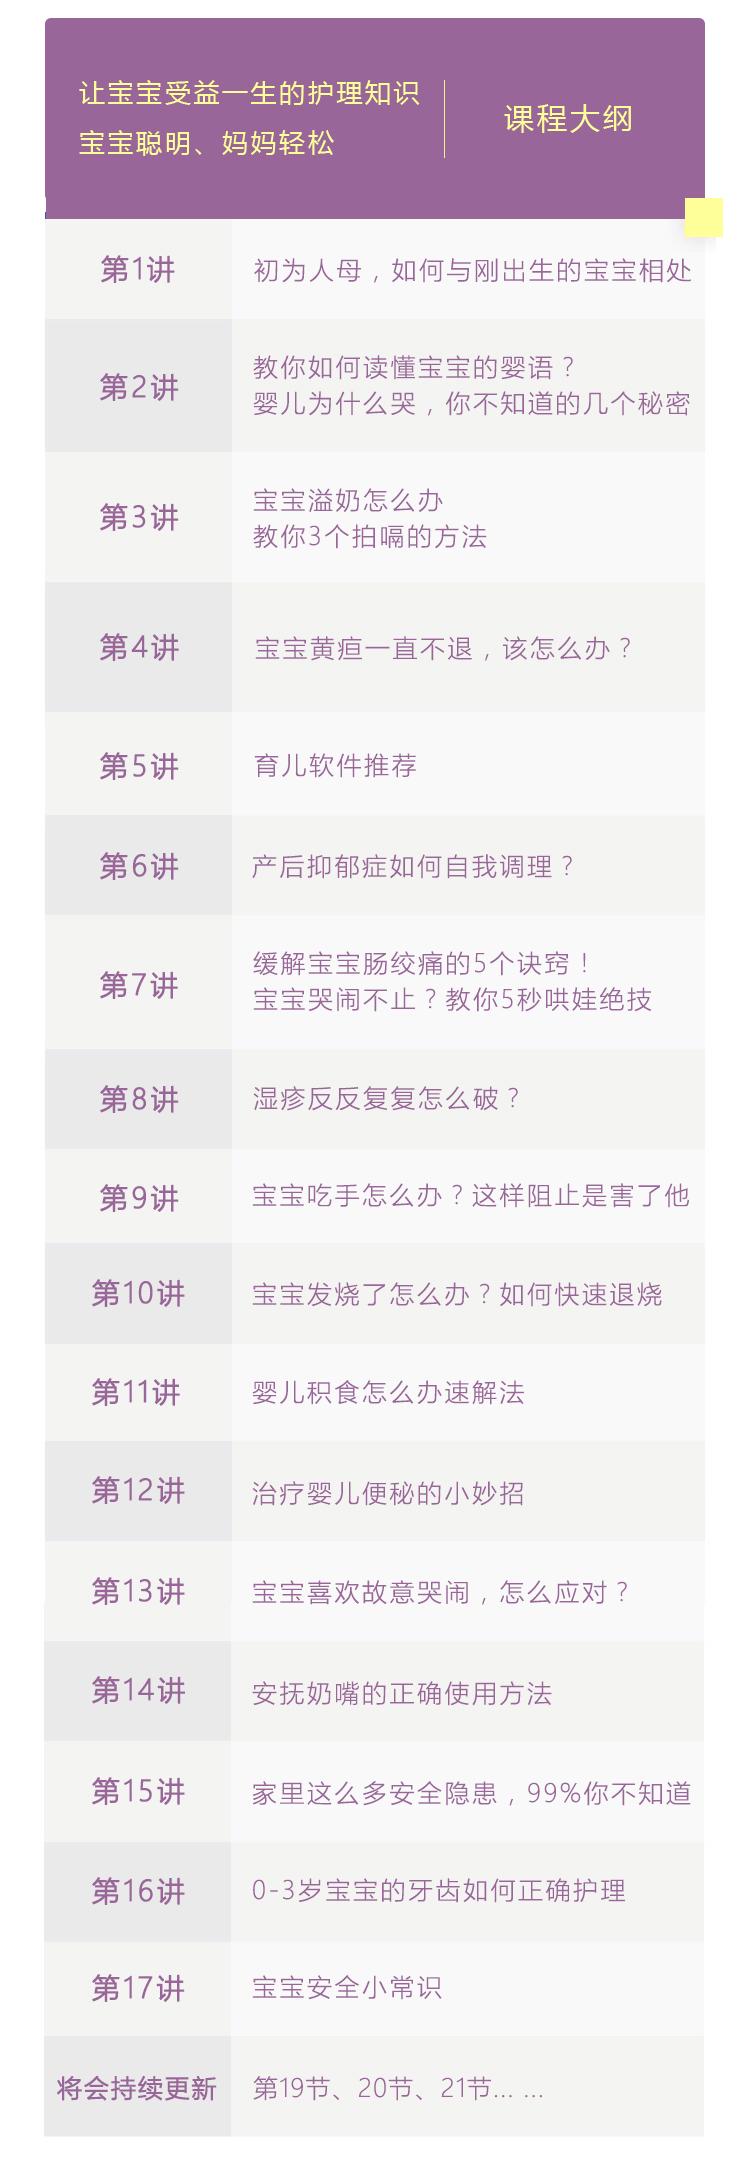 无腹泻_03.jpg